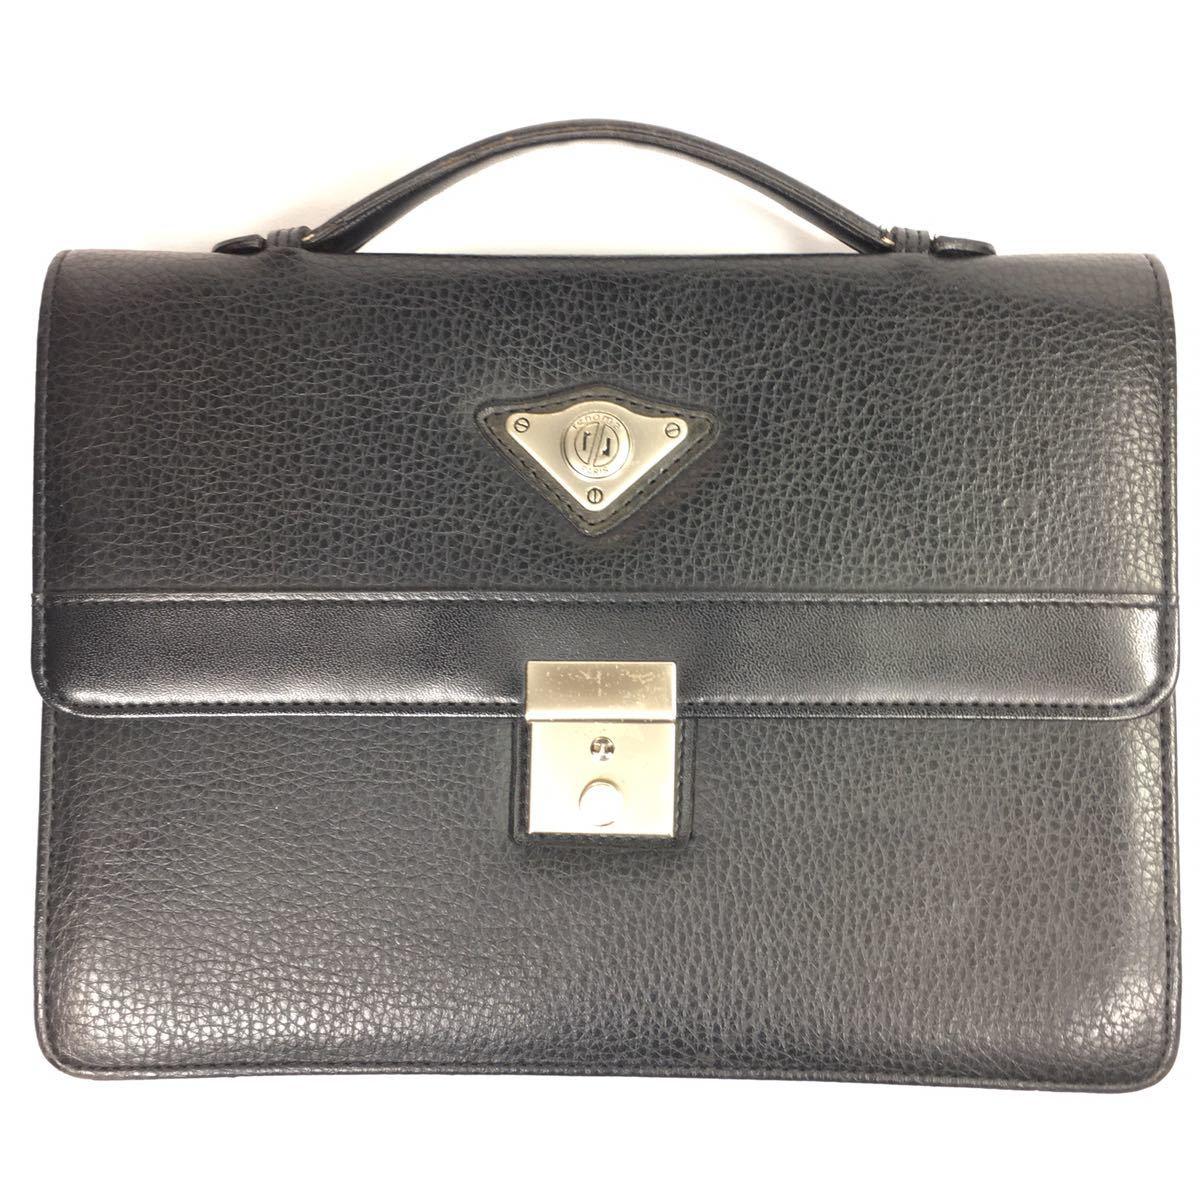 【レノマ】本物 renoma セカンドバッグ 黒 ミニビジネスバッグ 持ち手有り 男性用 メンズ_画像1